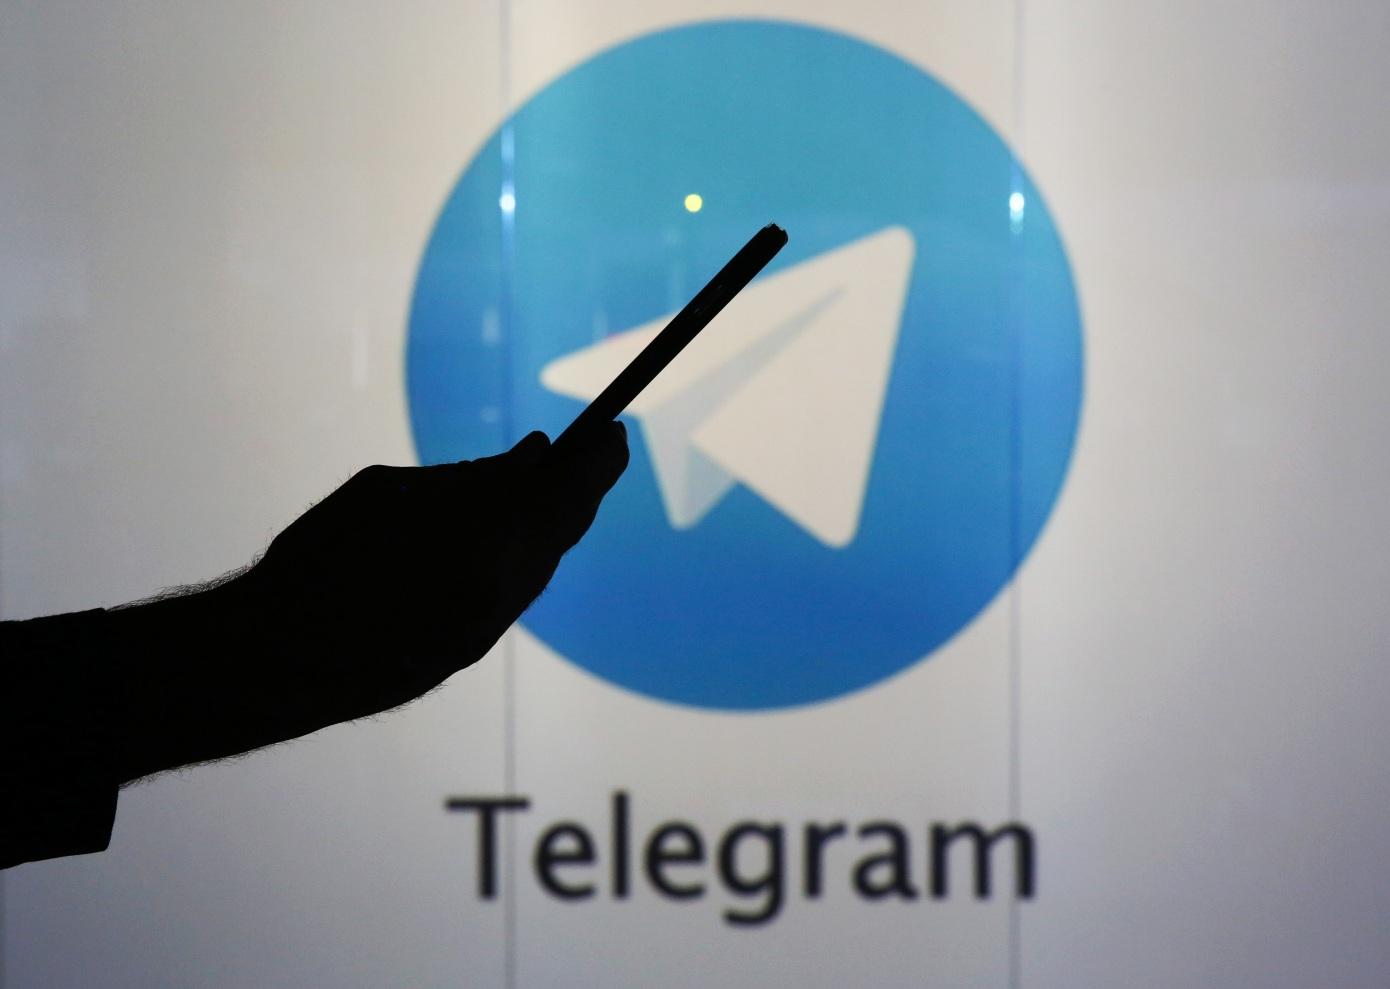 Telegram sumó 70 millones de usuarios durante el día de la interrupción de Facebook y WhatsApp